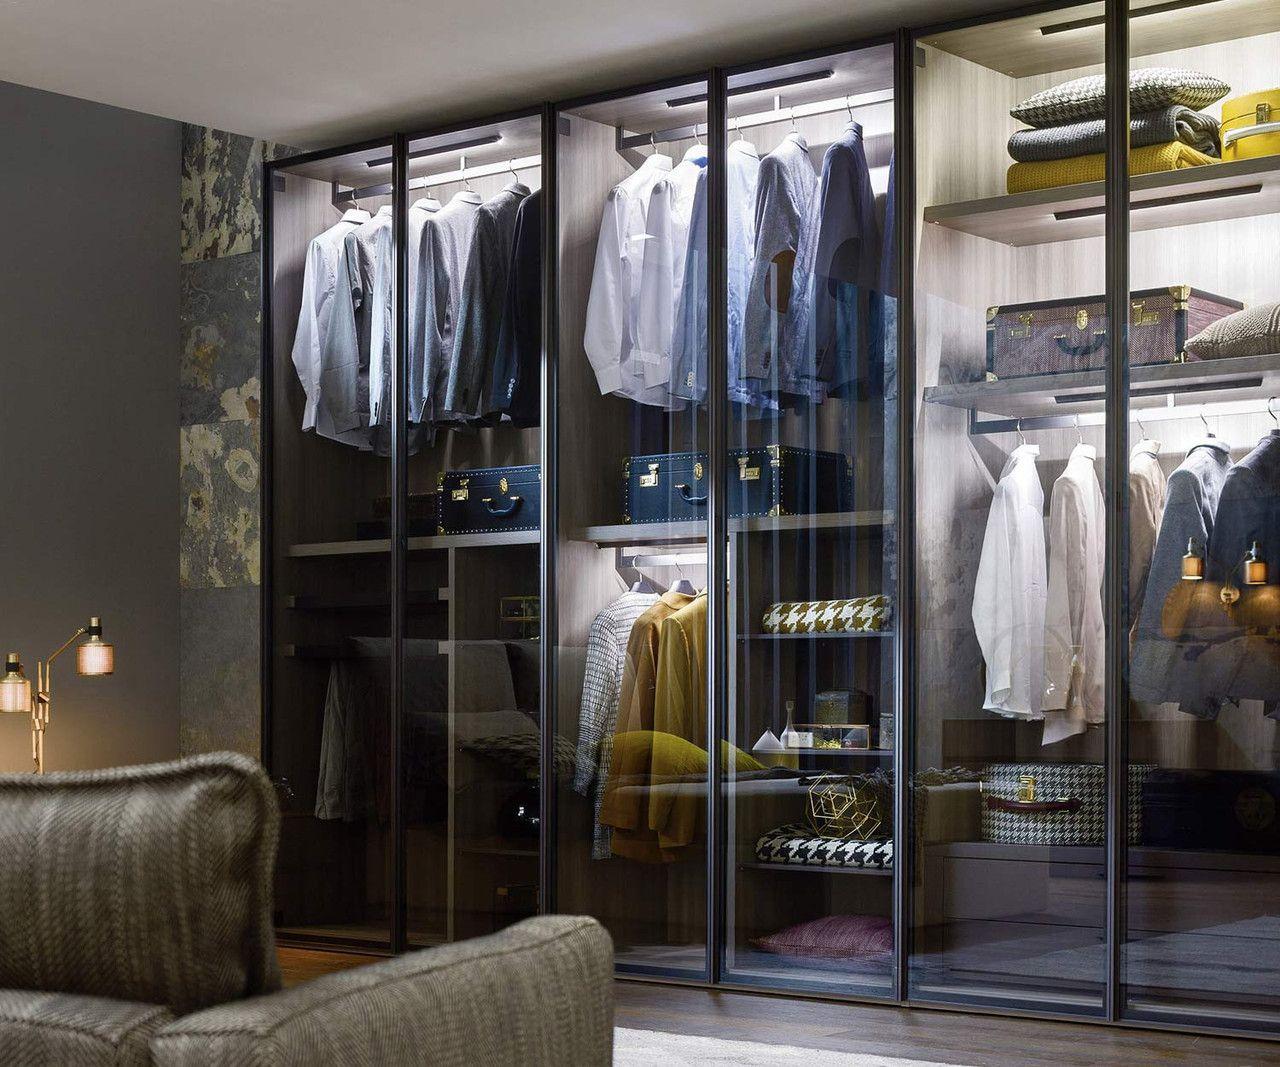 Die Durchsichtigen Glasturen Des Novamobili Kleiderschrank Perry Sind Leicht Getont Und Geben Der Kl In 2020 Schrank Mit Glasturen Kleiderschrank Kleiderschrank Design